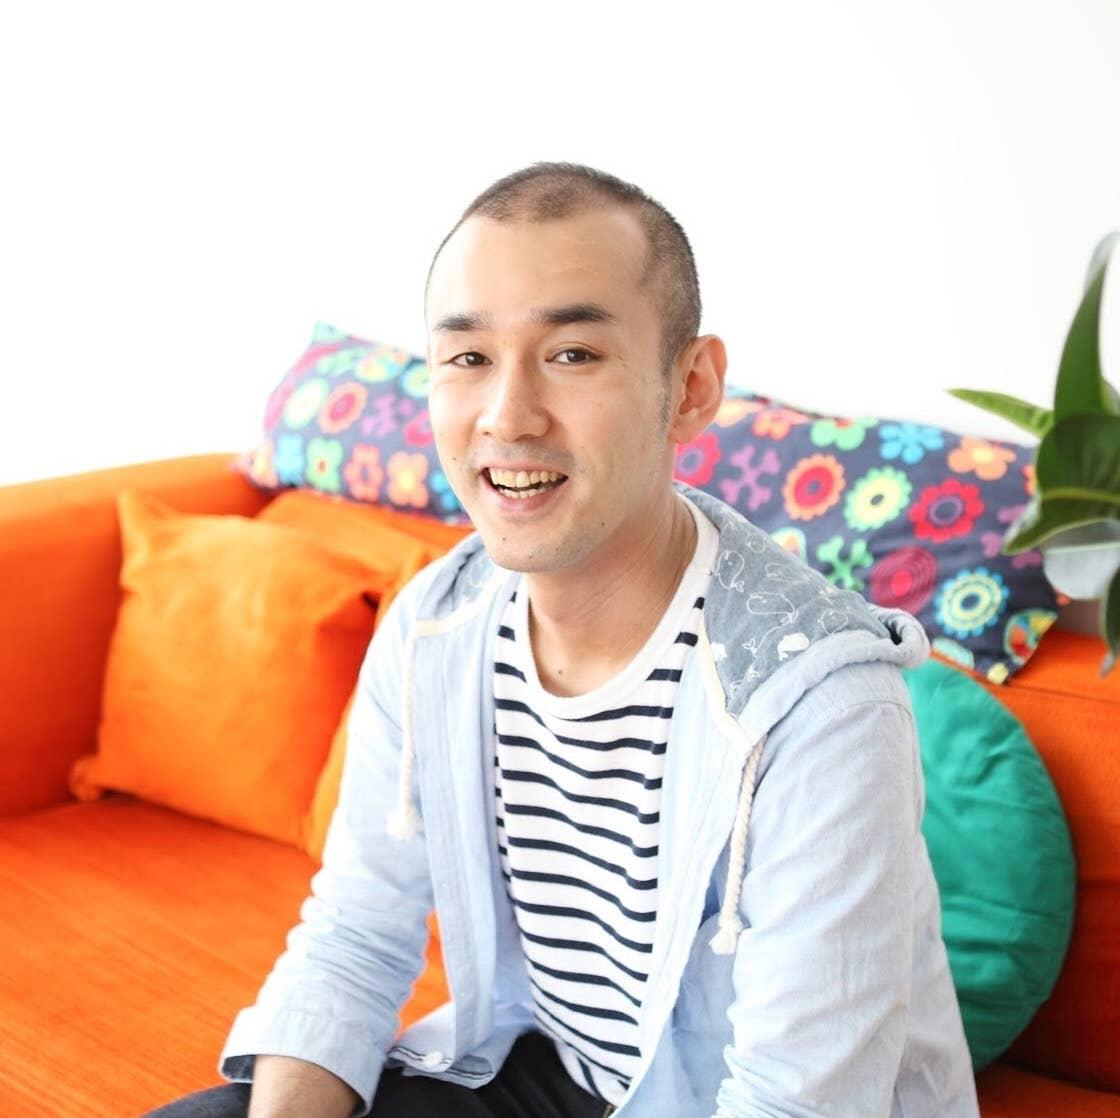 Masayuki Ikenaga